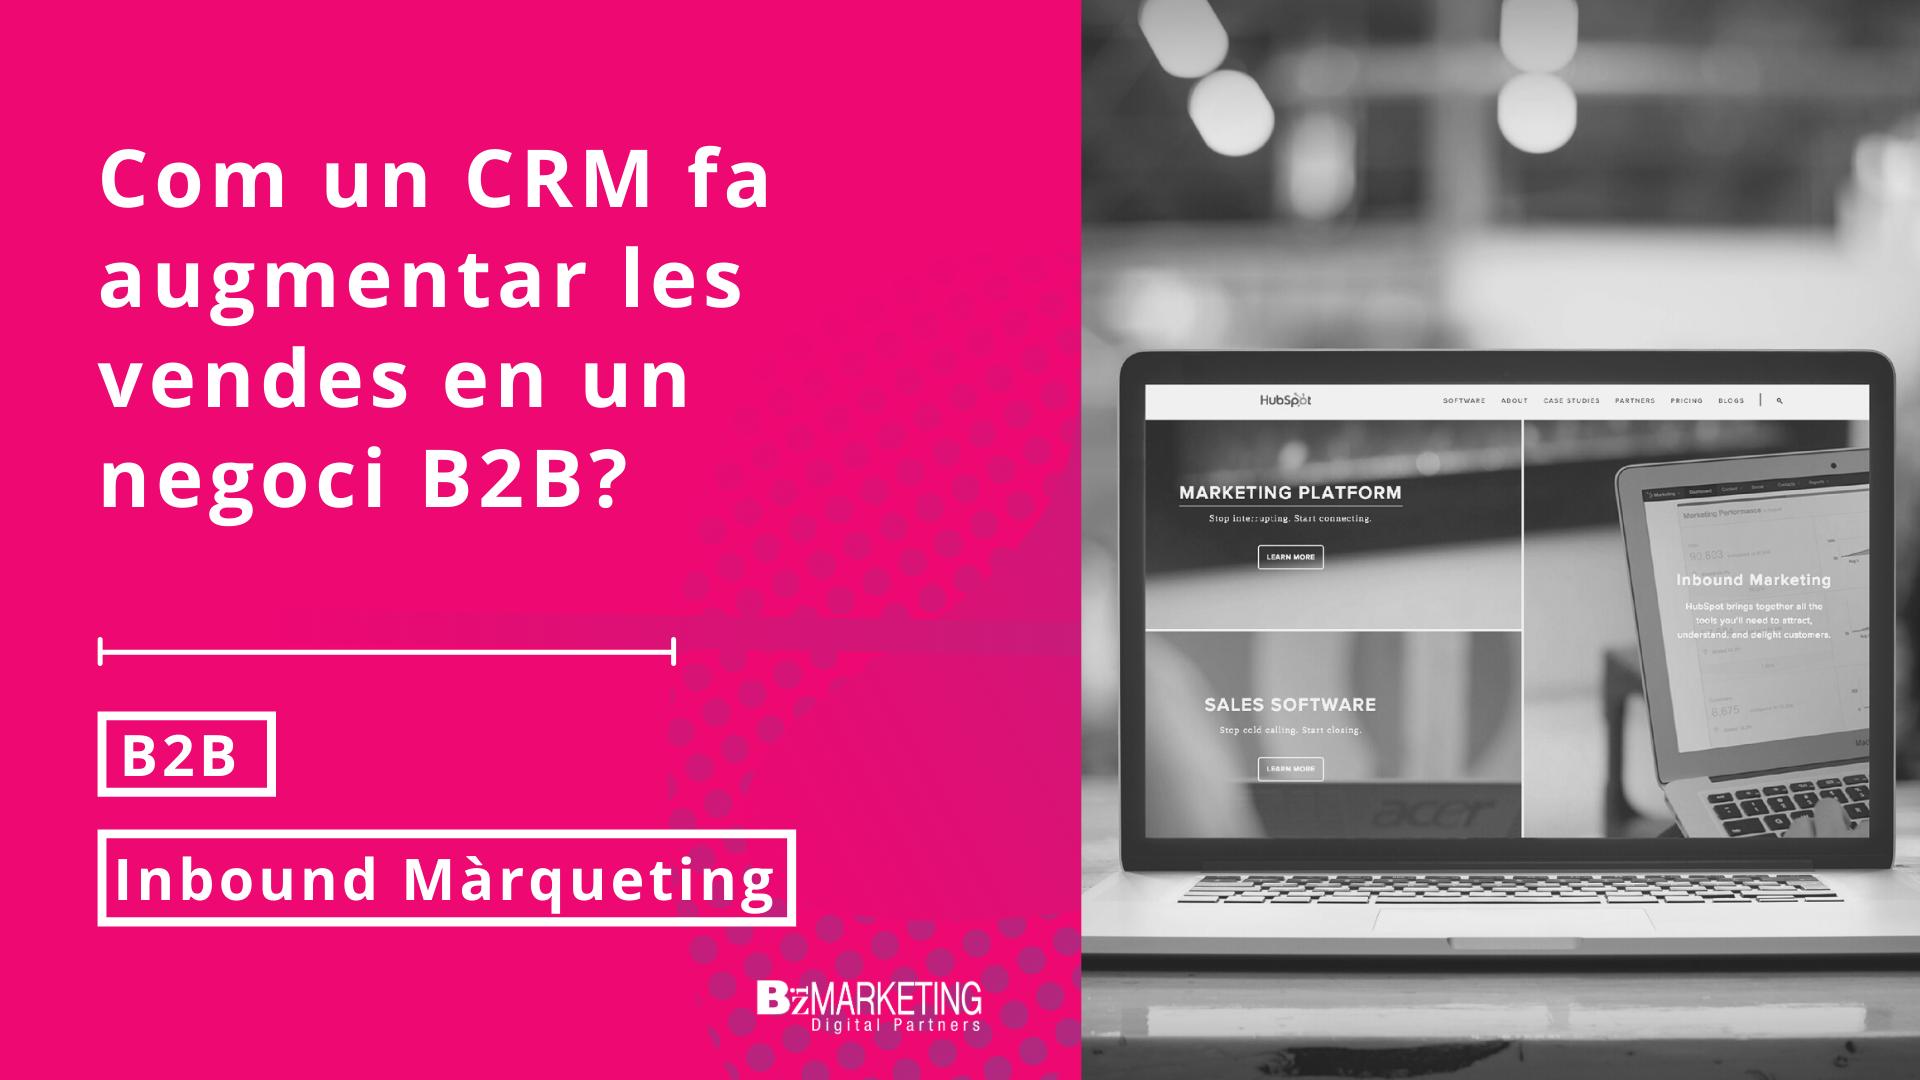 Com un CRM fa que augmentin les vendes en un negoci B2B?